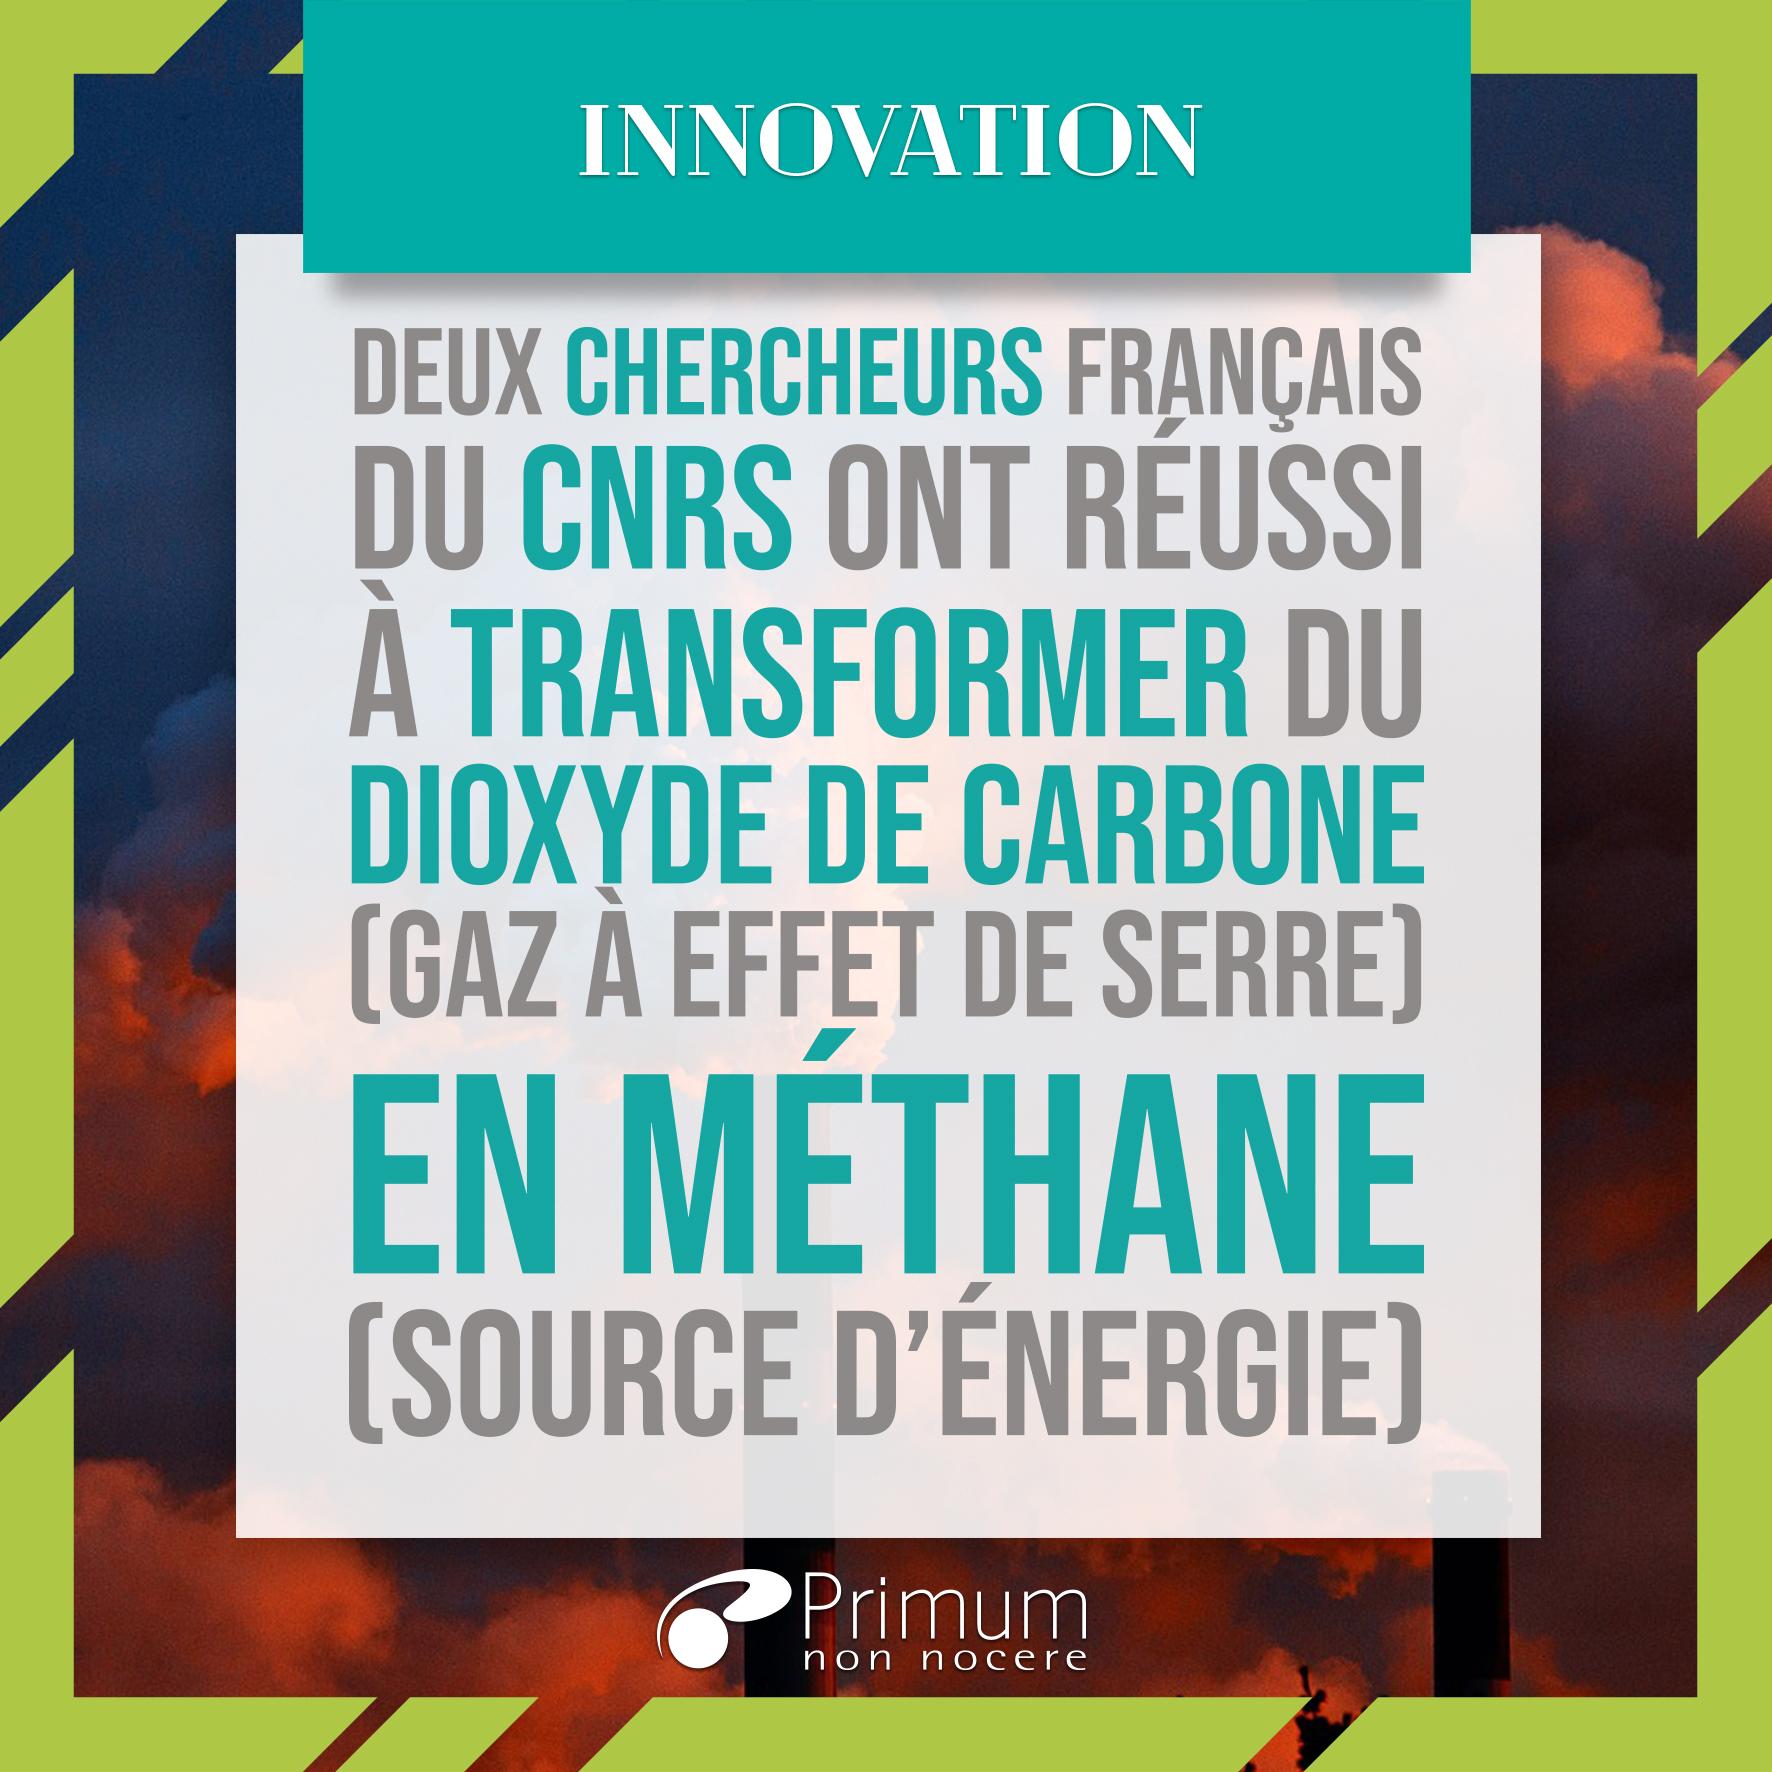 Transformation du gaz carbonique en méthane